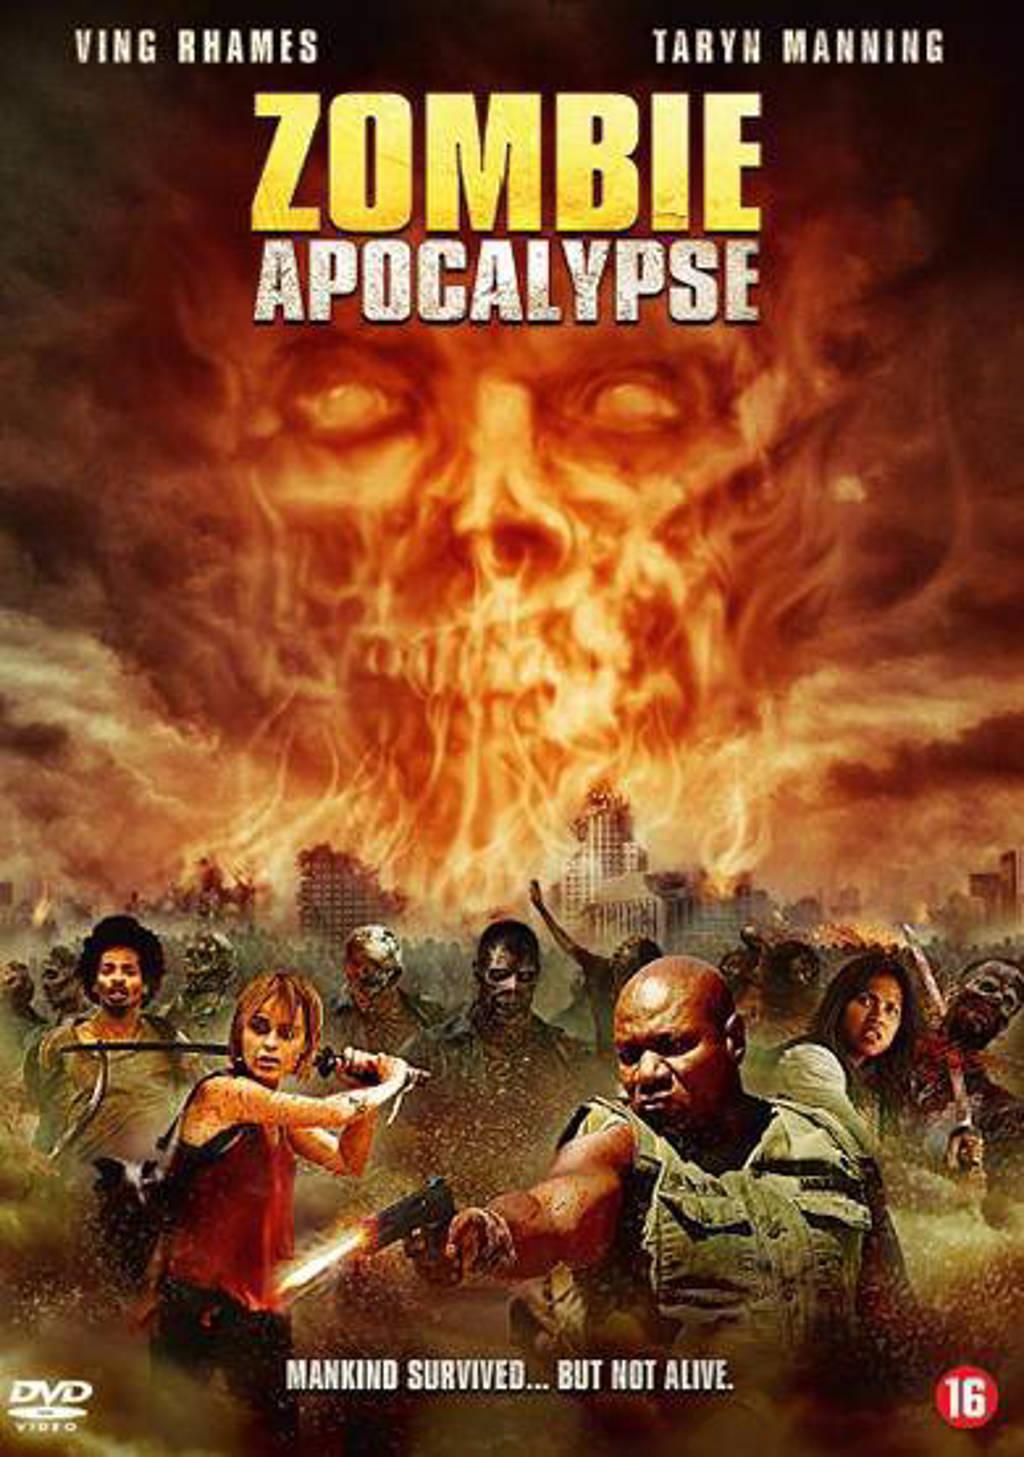 Zombie apocalypse (DVD)